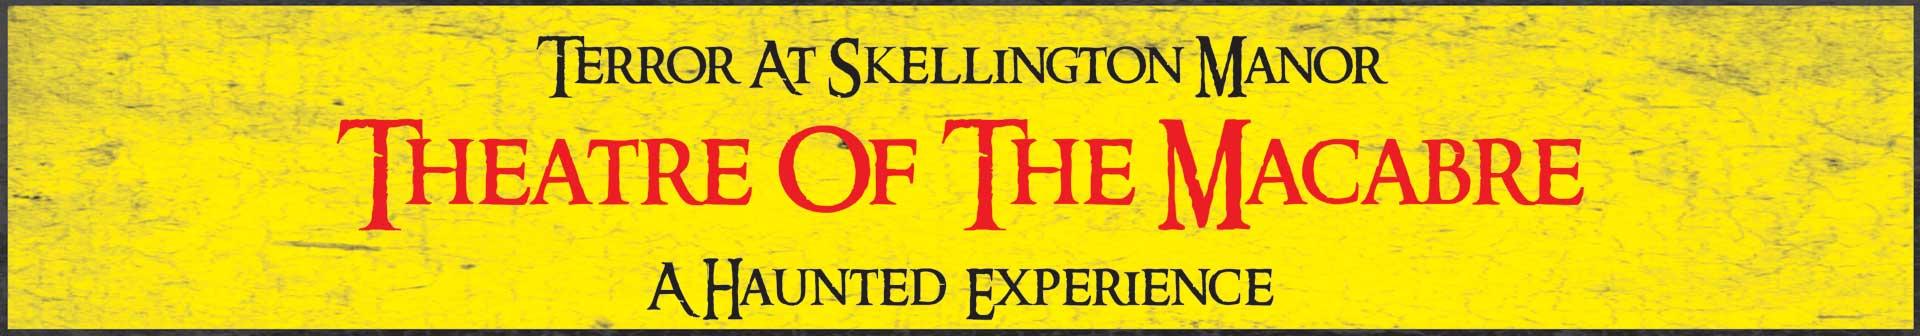 Terror At Skellington Manor Skellington Manor